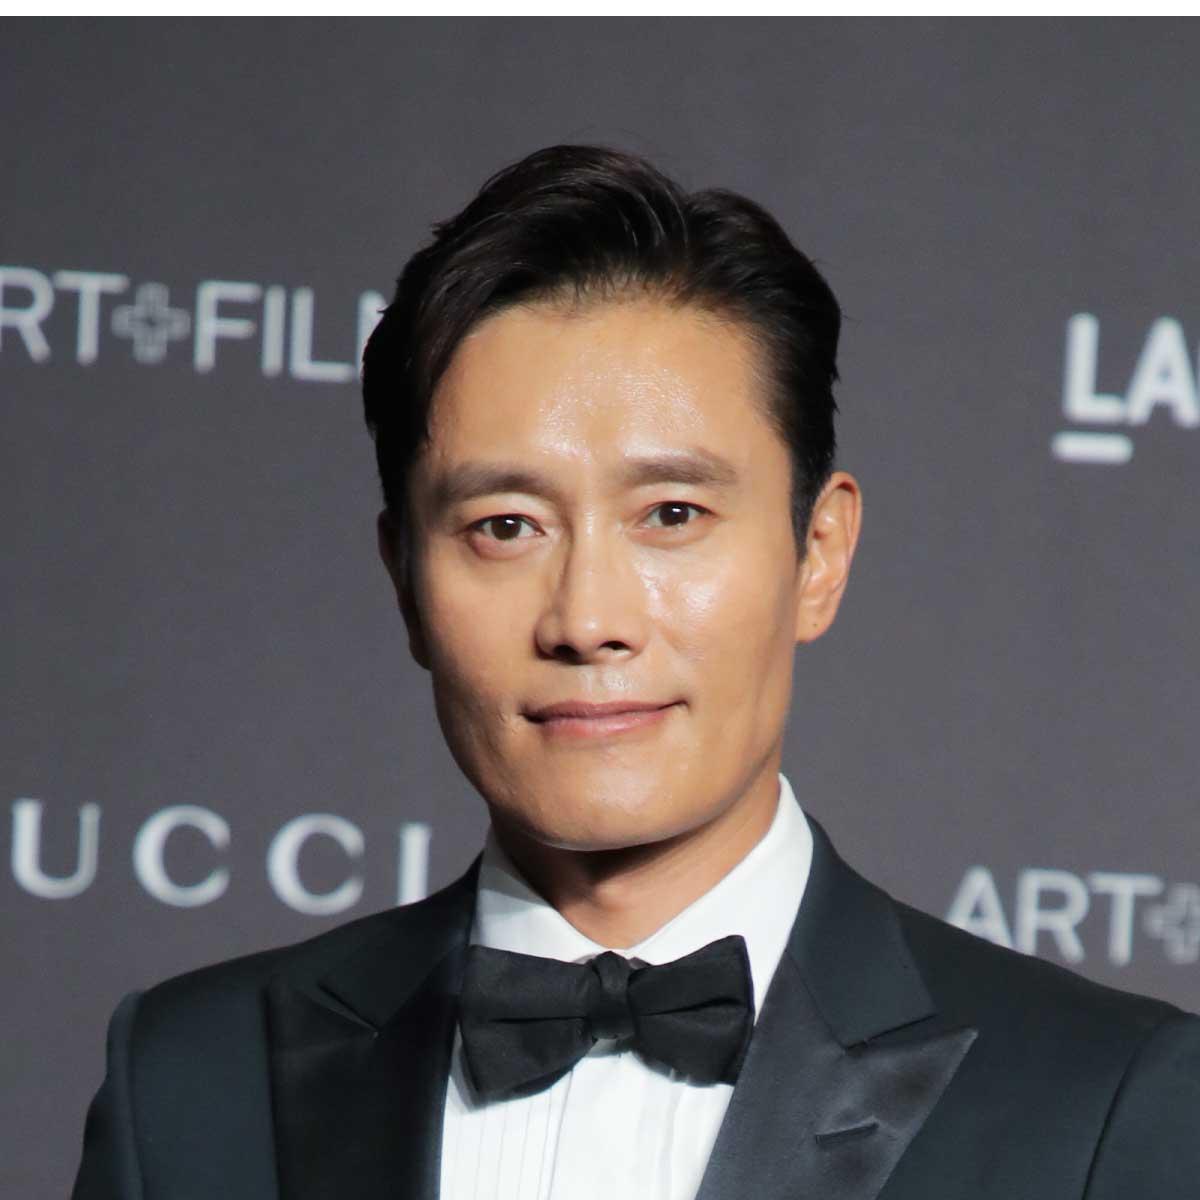 20 韓国 代 俳優